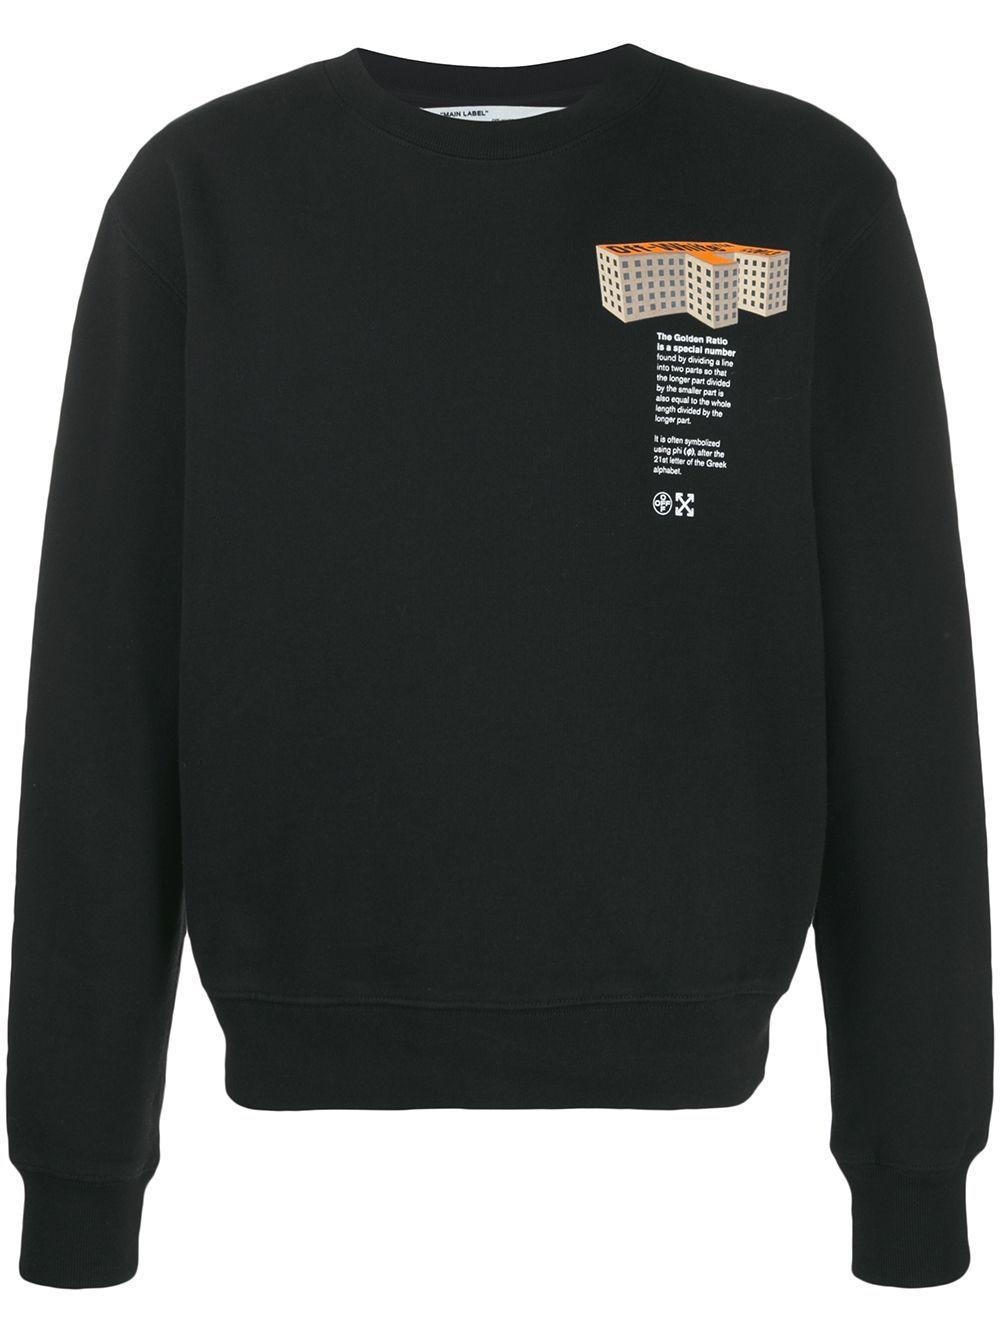 Off White F Building Sweatshirt Farfetch Off White Sweatshirt Sweatshirts Black Sweatshirts [ 1334 x 1000 Pixel ]